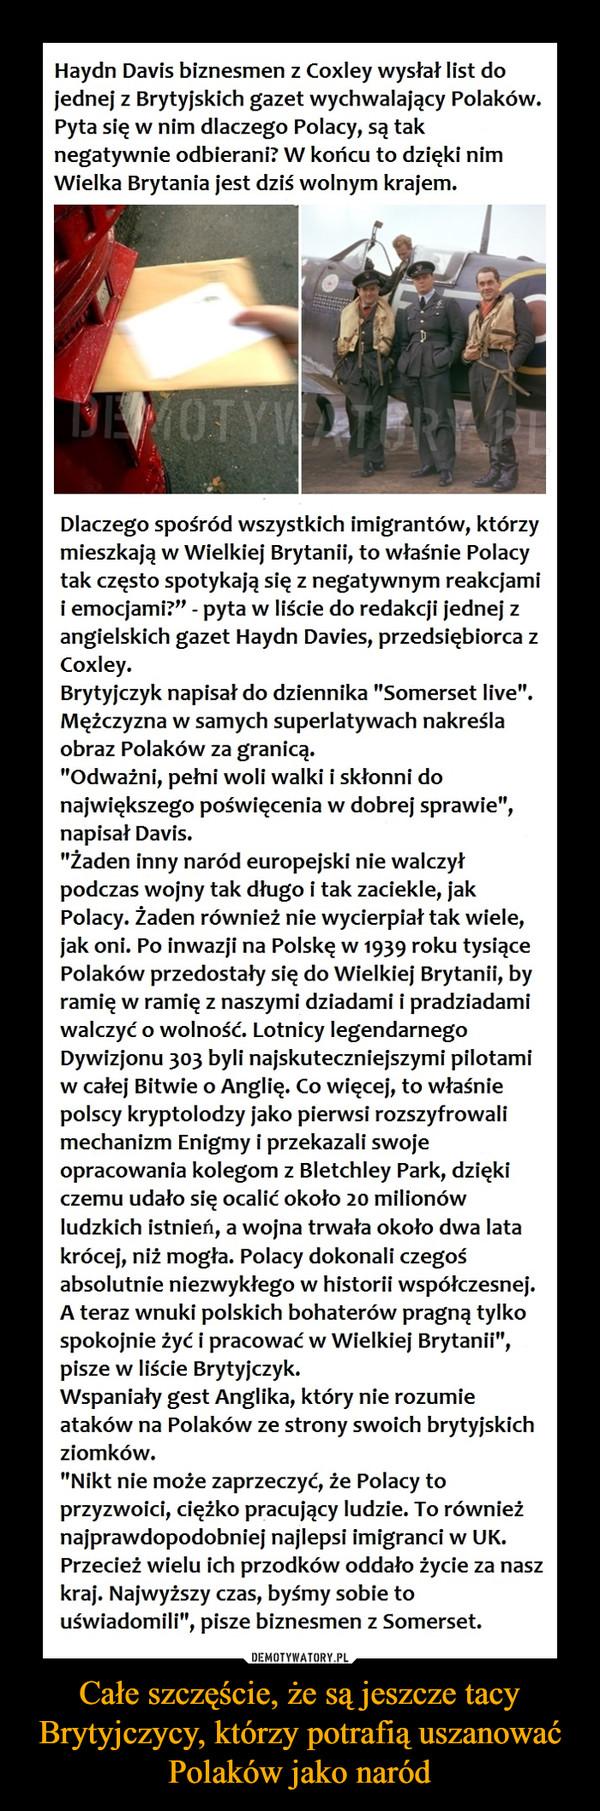 """Całe szczęście, że są jeszcze tacy Brytyjczycy, którzy potrafią uszanować Polaków jako naród –  Haydn Davis biznesmen z Coxley wysłał list dojednej z Brytyjskich gazet wychwalający Polaków.Pyta się w nim dlaczego Polacy, są taknegatywnie odbierani? W końcu to dzięki nimWielka Brytania jest dziś wolnym krajem.Dlaczego spośród wszystkich imigrantów, którzymieszkają w Wielkiej Brytanii, to właśnie Polacytak często spotykają się z negatywnym reakcjamii emocjami?"""" - pyta w liście do redakcji jednej zangielskich gazet Haydn Davies, przedsiębiorca zCoxley.Brytyjczyk napisał do dziennika """"Somerset live"""".Mężczyzna w samych superlatywach nakreślaobraz Polaków za granicą.""""Odważni, pełni woli walki i skłonni donajwiększego poświęcenia w dobrej sprawie"""",napisał Davis.""""Żaden inny naród europejski nie walczyłpodczas wojny tak długo i tak zaciekle, jakPolacy. Żaden również nie wycierpiał tak wiele,jak oni. Po inwazji na Polskę w 1939 roku tysiącePolaków przedostały się do Wielkiej Brytanii, byramię w ramię z naszymi dziadami i pradziadamiwalczyć o wolność. Lotnicy legendarnegoDywizjonu 303 byli najskuteczniejszymi pilotamiw całej Bitwie o Anglię. Co więcej, to właśniepolscy kryptolodzy jako pierwsi rozszyfrowalimechanizm Enigmy i przekazali swojeopracowania kolegom z Bletchley Park, dziękiczemu udało się ocalić około 20 milionówludzkich istnień, a wojna trwała około dwa latakrócej, niż mogła. Polacy dokonali czegośabsolutnie niezwykłego w historii współczesnej.A teraz wnuki polskich bohaterów pragną tylkospokojnie żyć i pracować w Wielkiej Brytanii"""",pisze w liście Brytyjczyk.Wspaniały gest Anglika, który nie rozumieataków na Polaków ze strony swoich brytyjskichziomków.""""Nikt nie może zaprzeczyć, że Polacy toprzyzwoici, ciężko pracujący ludzie. To równieżnajprawdopodobniej najlepsi imigranci w UK.Przecież wielu ich przodków oddało życie za naszkraj. Najwyższy czas, byśmy sobie touświadomili"""", pisze biznesmen z Somerset."""